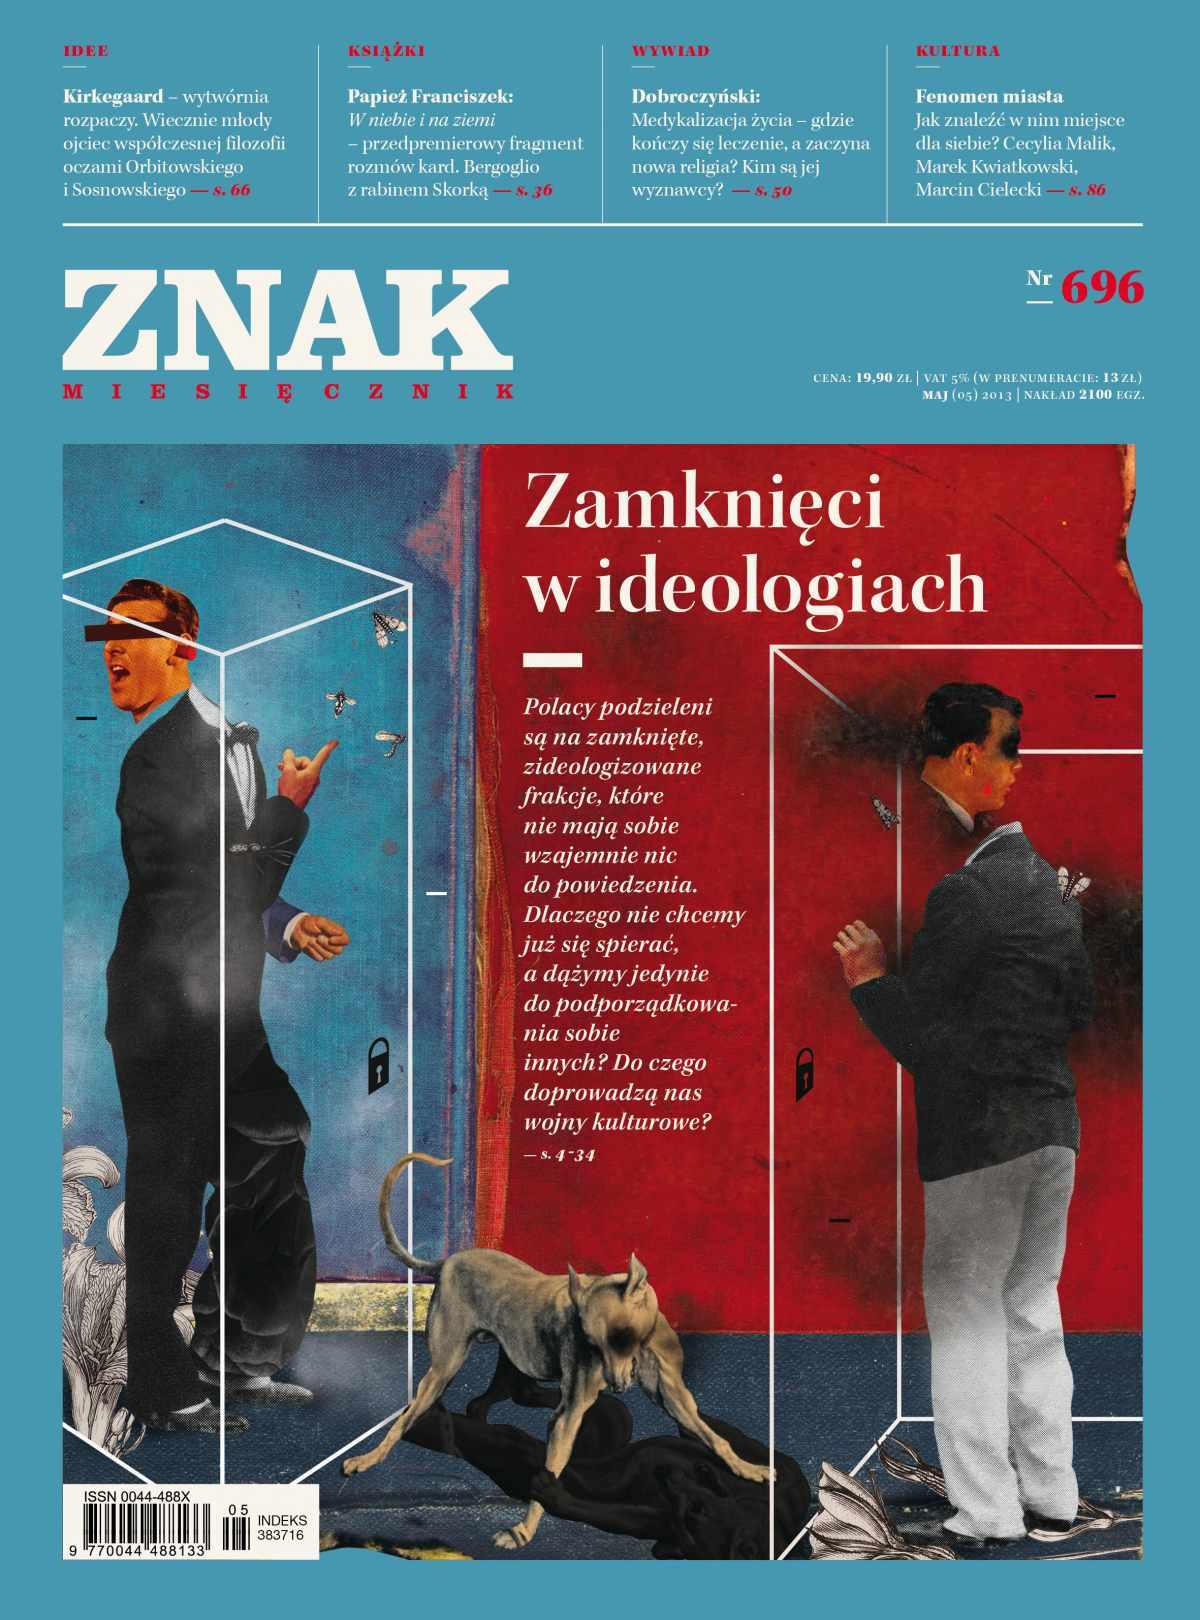 Miesięcznik Znak. Maj 2013 - Ebook (Książka EPUB) do pobrania w formacie EPUB